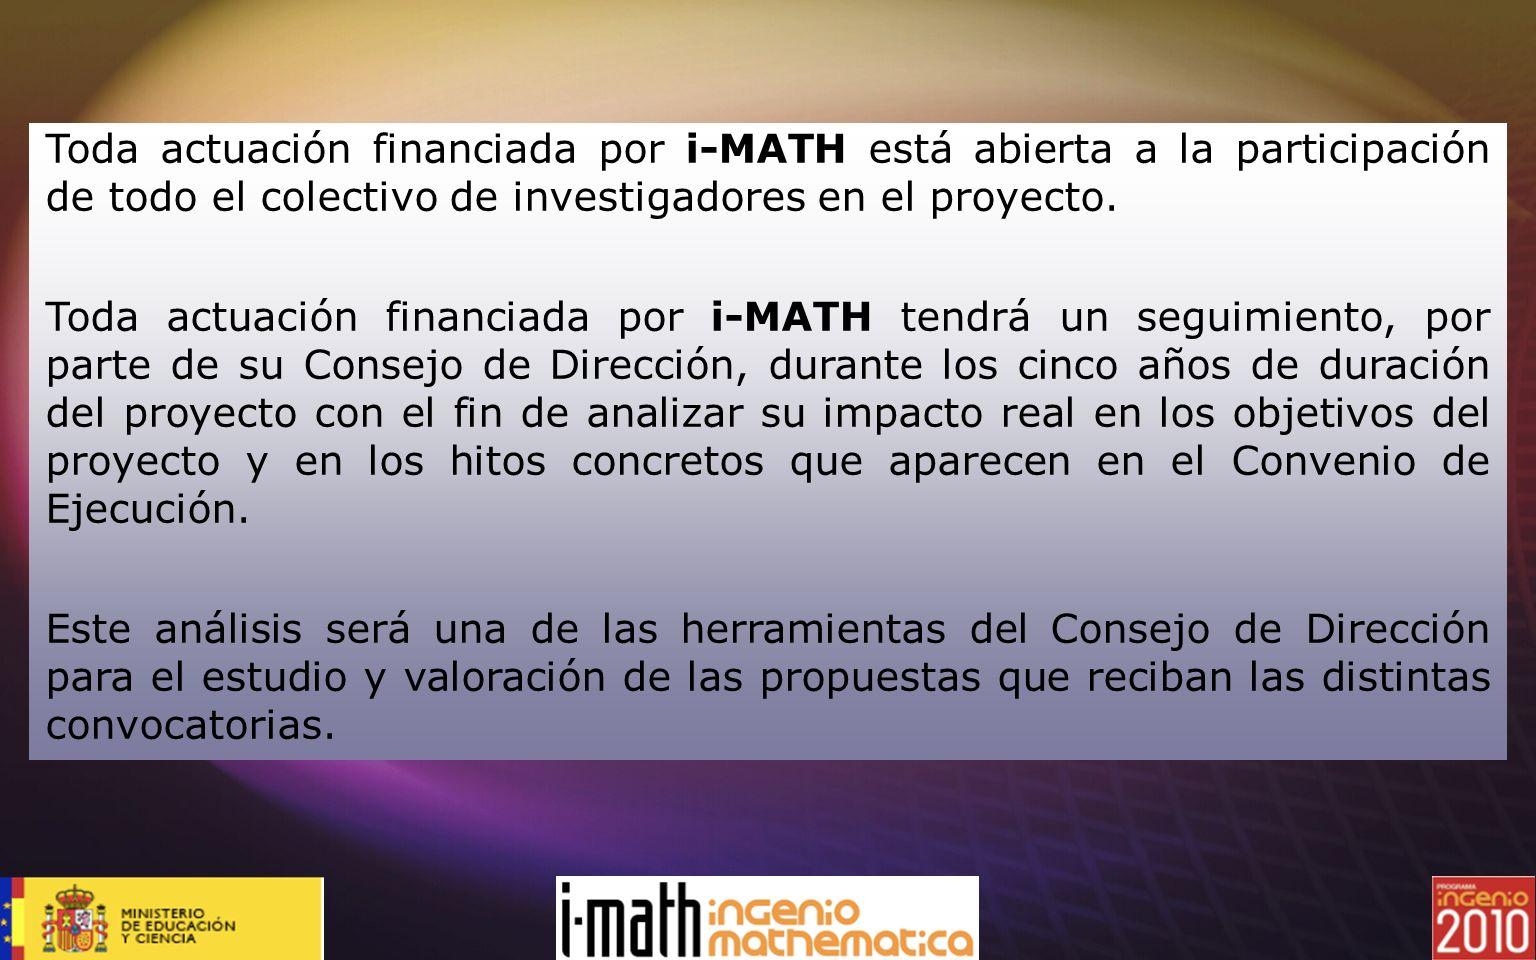 Toda actuación financiada por i-MATH está abierta a la participación de todo el colectivo de investigadores en el proyecto. Toda actuación financiada